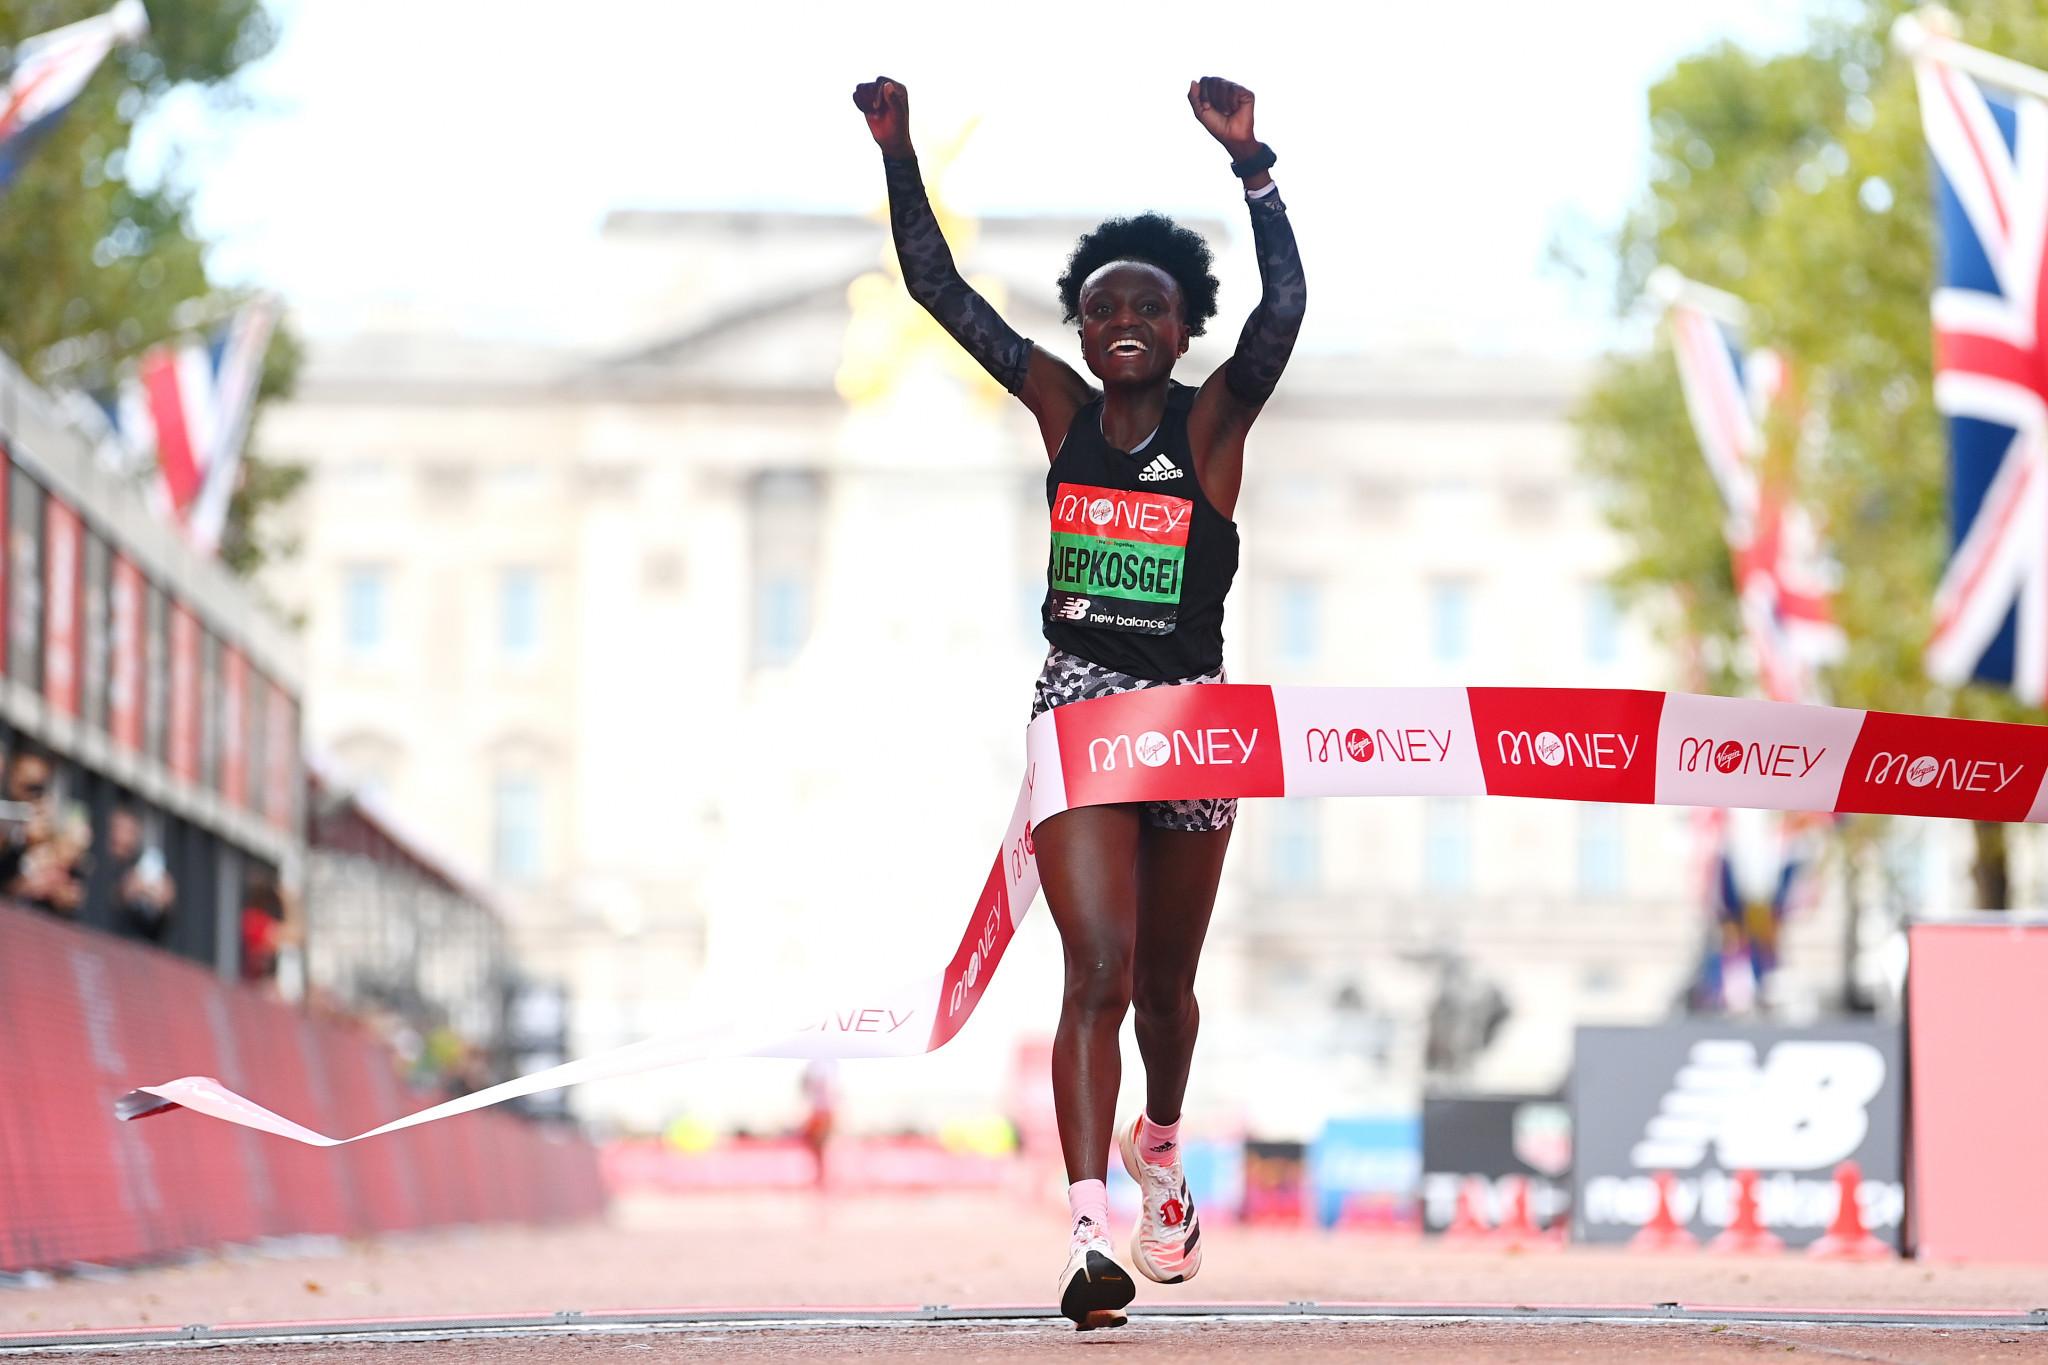 London Marathon debut win for Jepkosgei as Lemma lands biggest career win in men's race